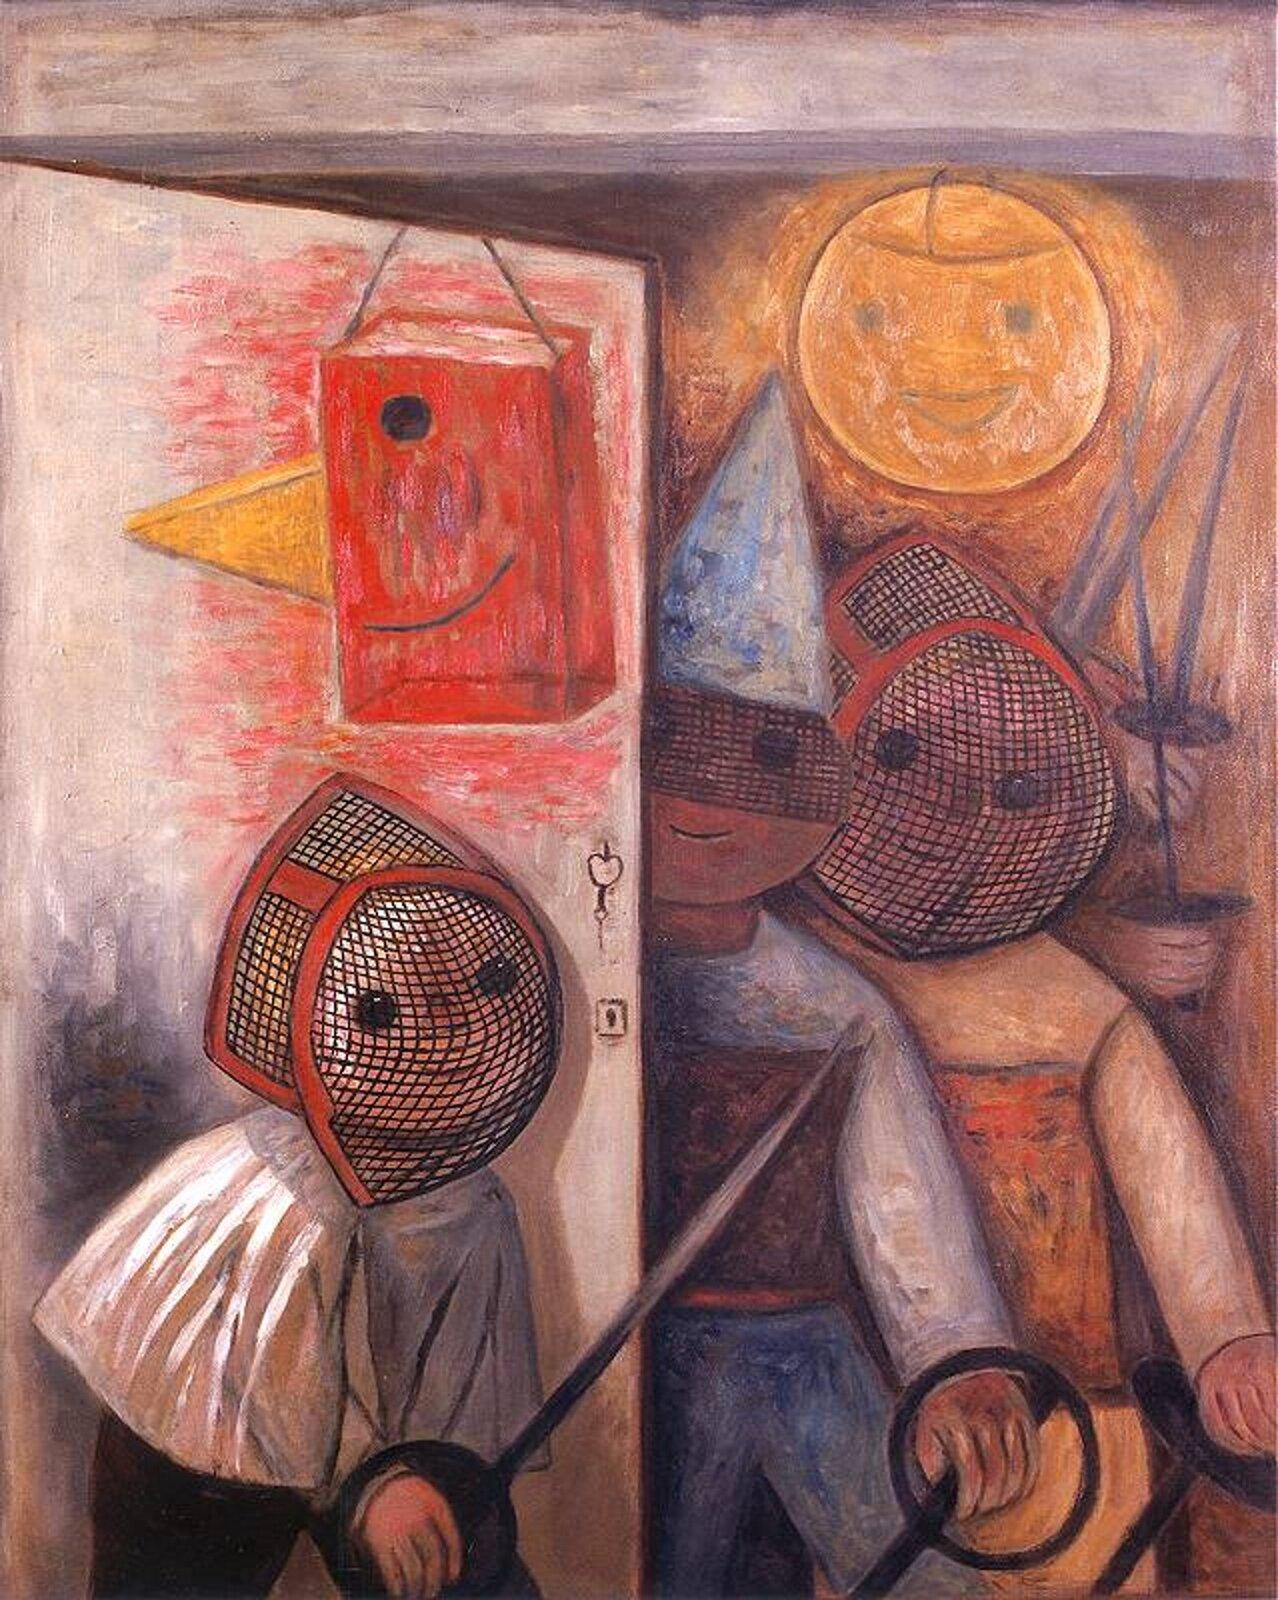 """Ilustracja przedstawia obraz pt. """"Szermierze"""" autorstwa Tadeusza Makowskiego. Dzieło ukazuje trzy postaci, które przebrane są wszermierzy. Mają metalowe siatki na głowie (kaski) oraz szable wdłoniach."""